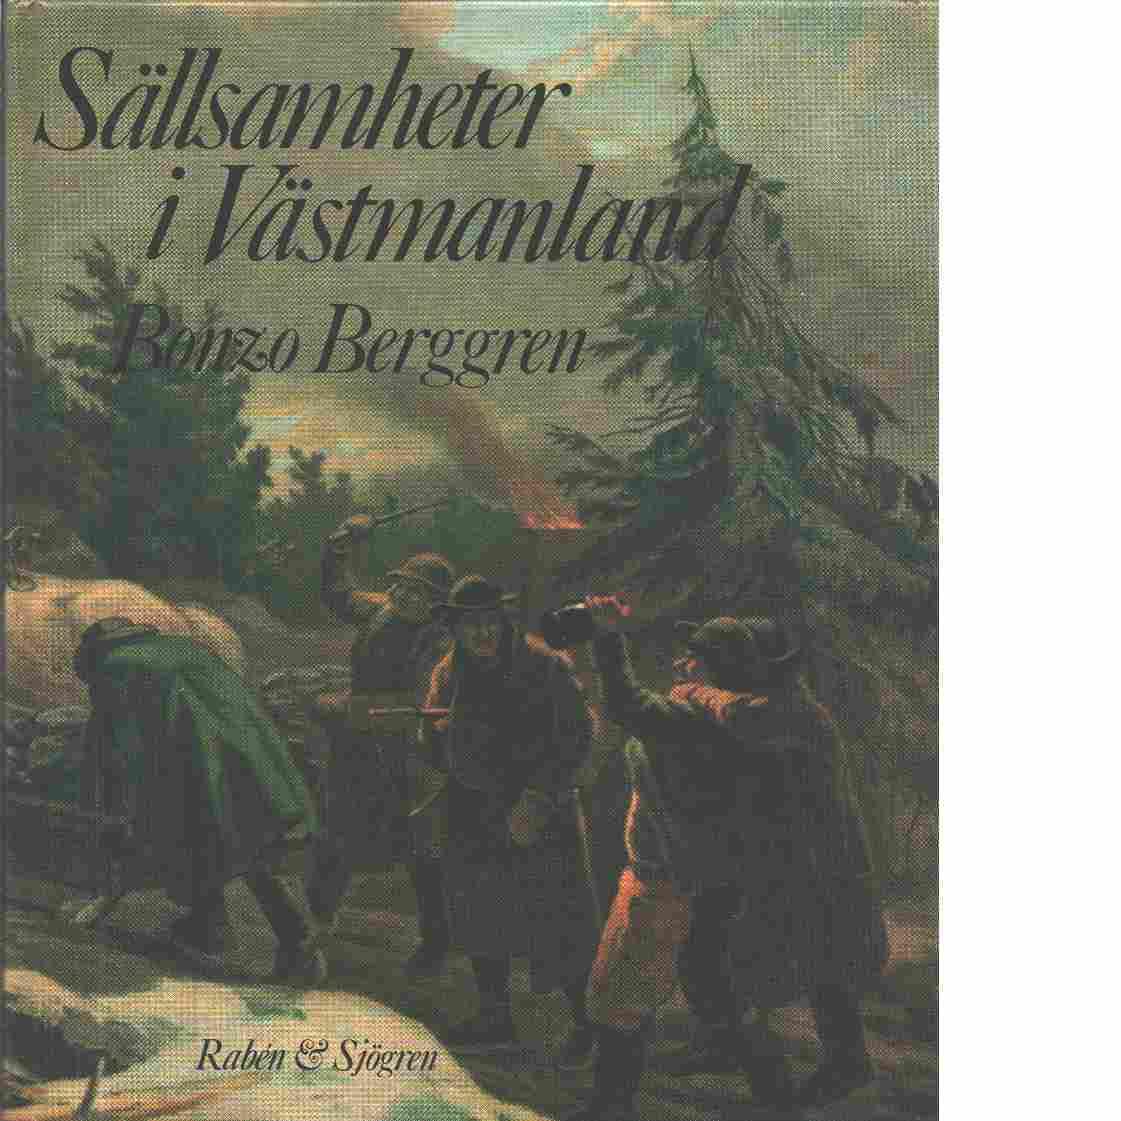 Sällsamheter i Västmanland - Berggren, Bonzo